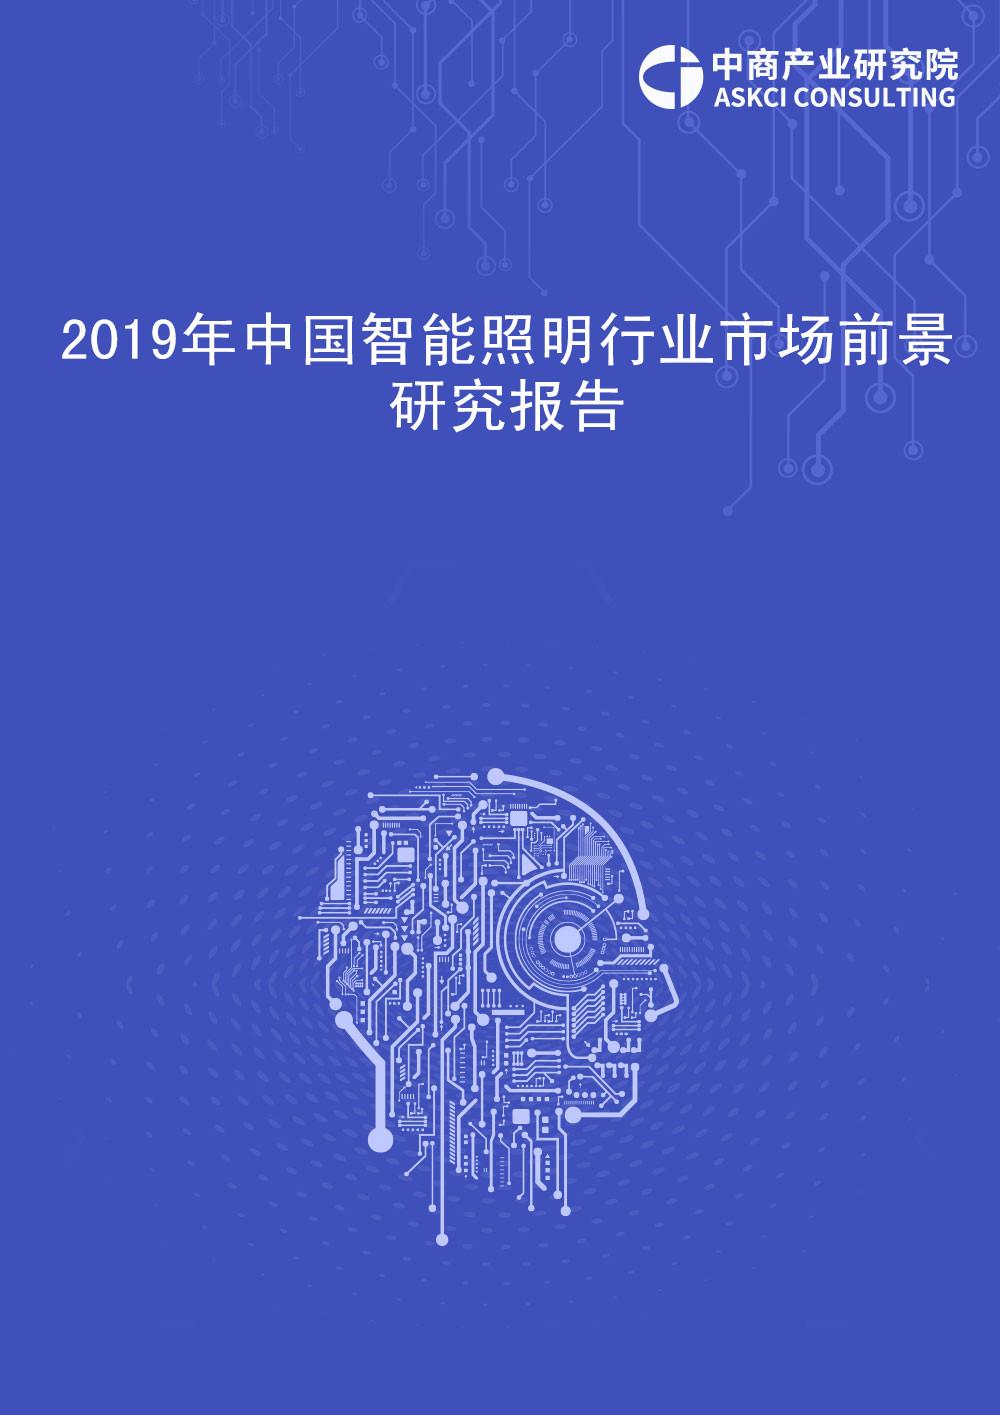 2019年中国智能照明行业市场前景研究报告